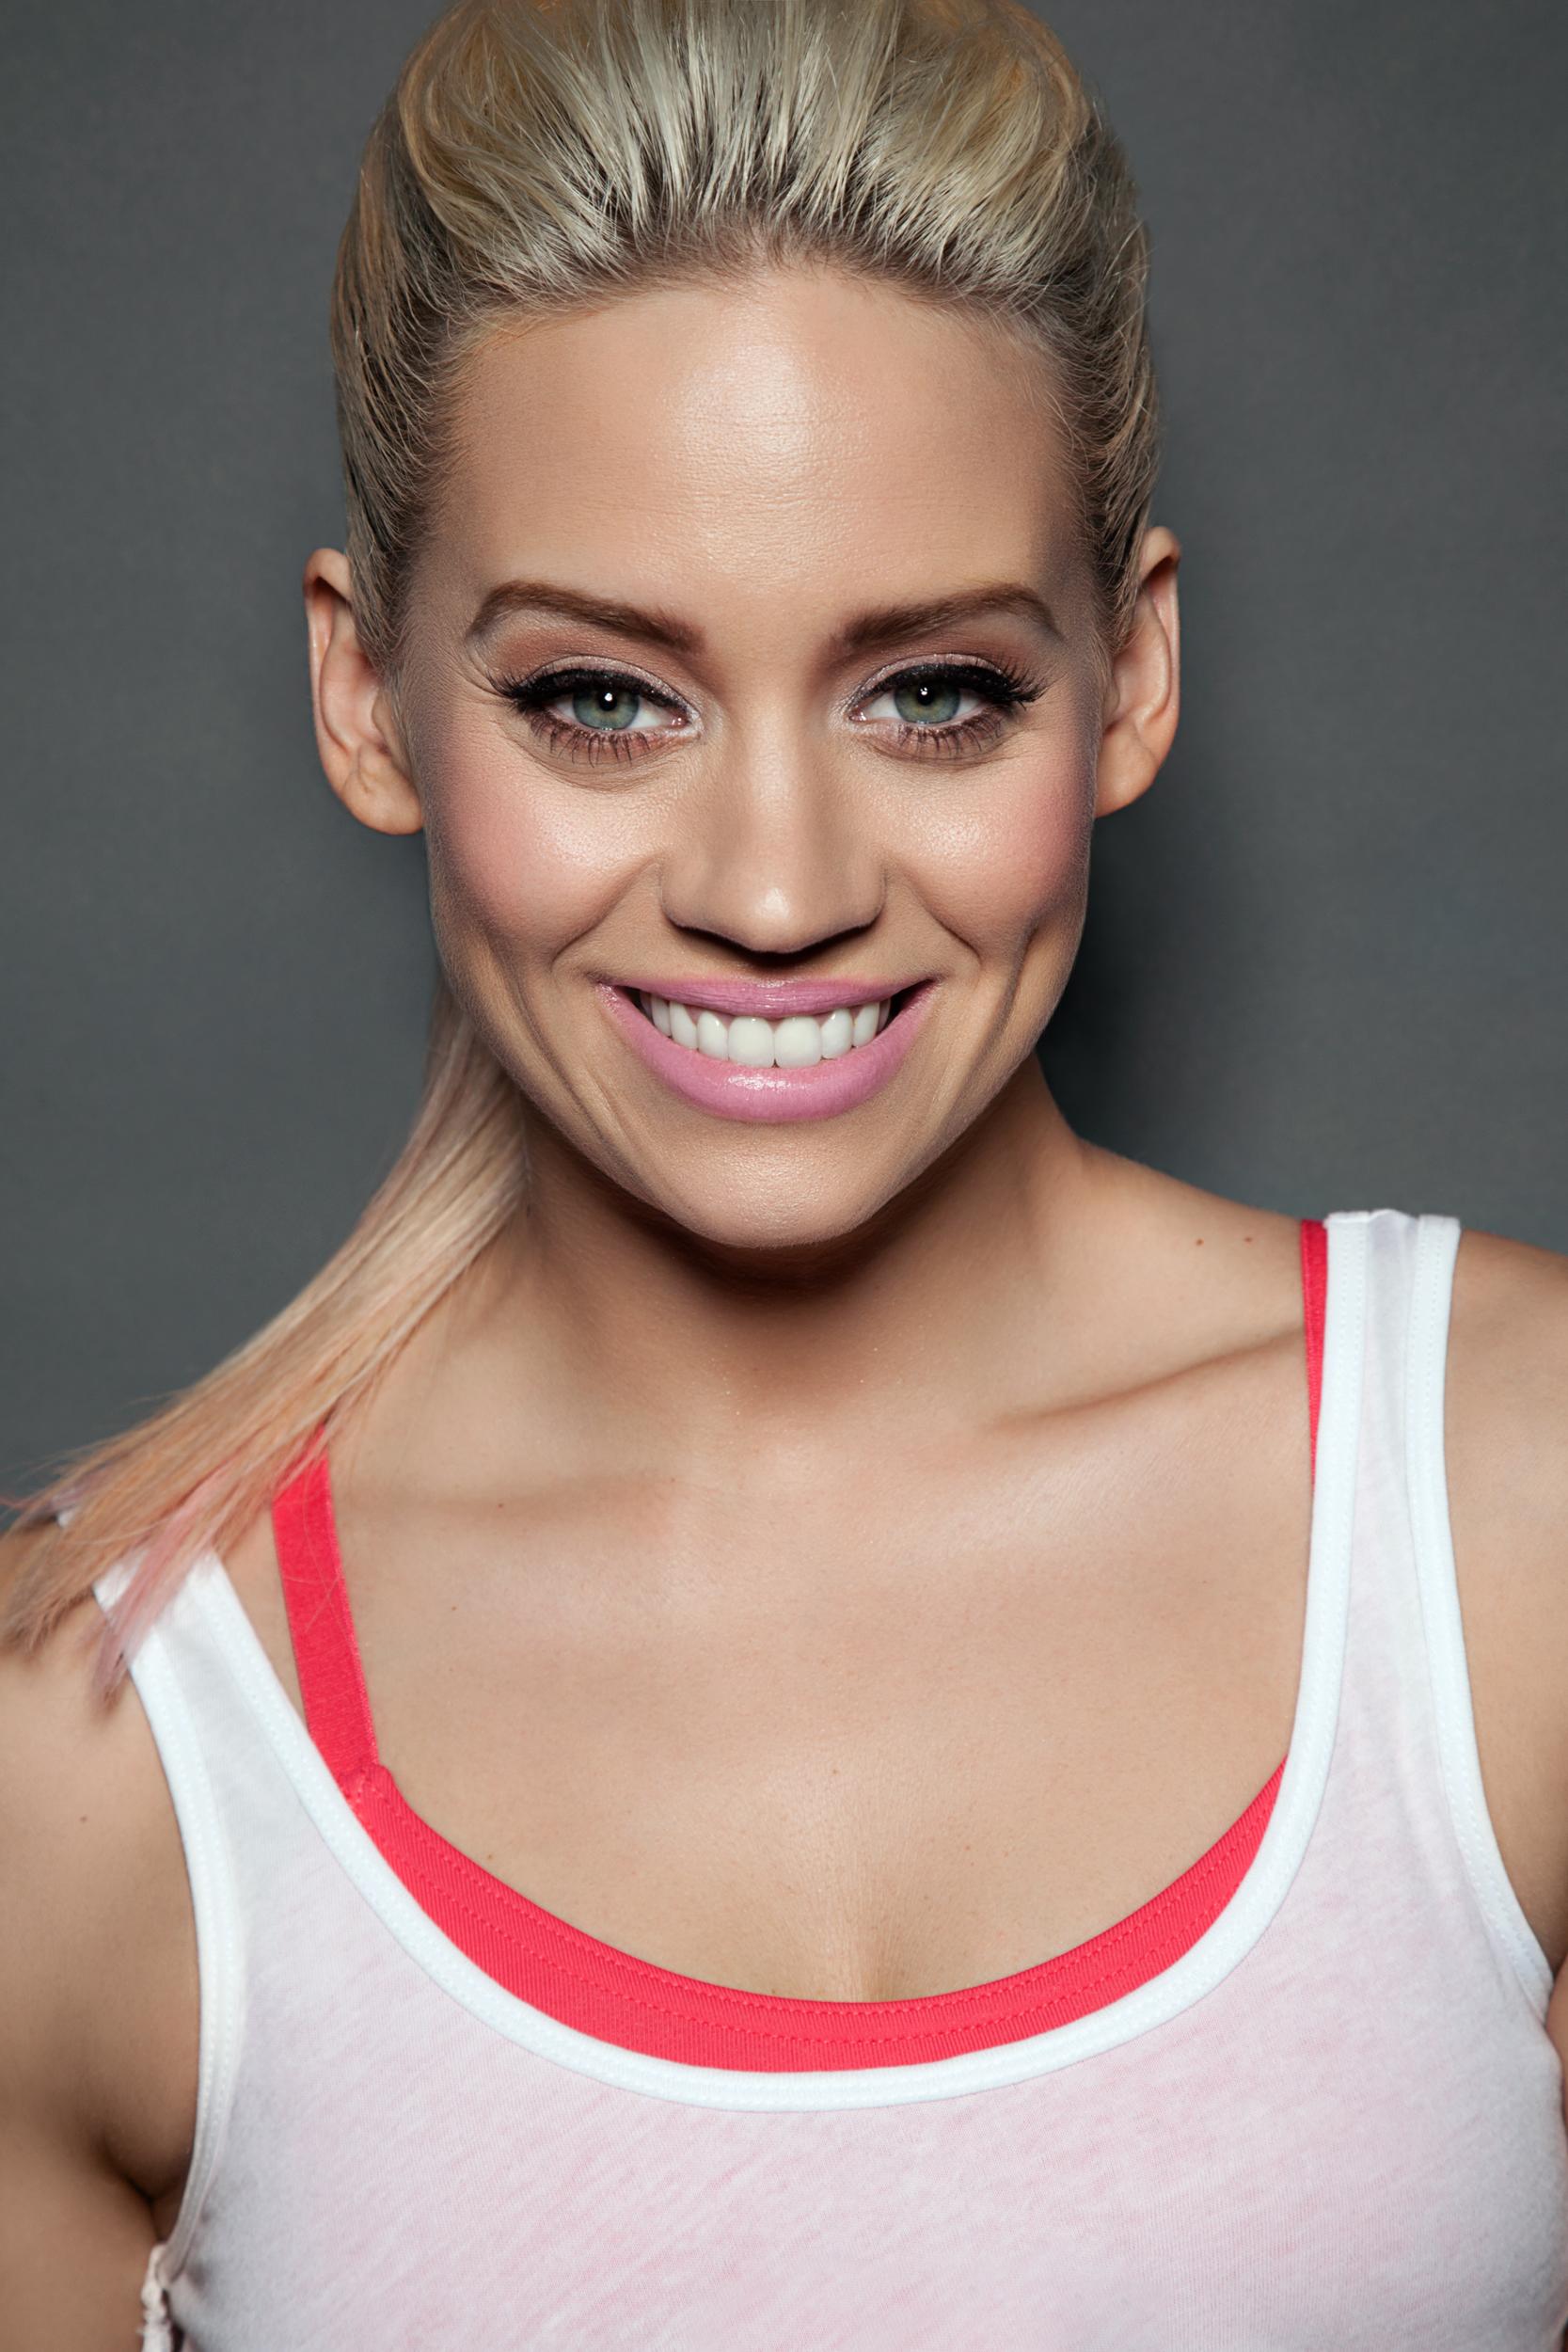 Kimberly Wyatt